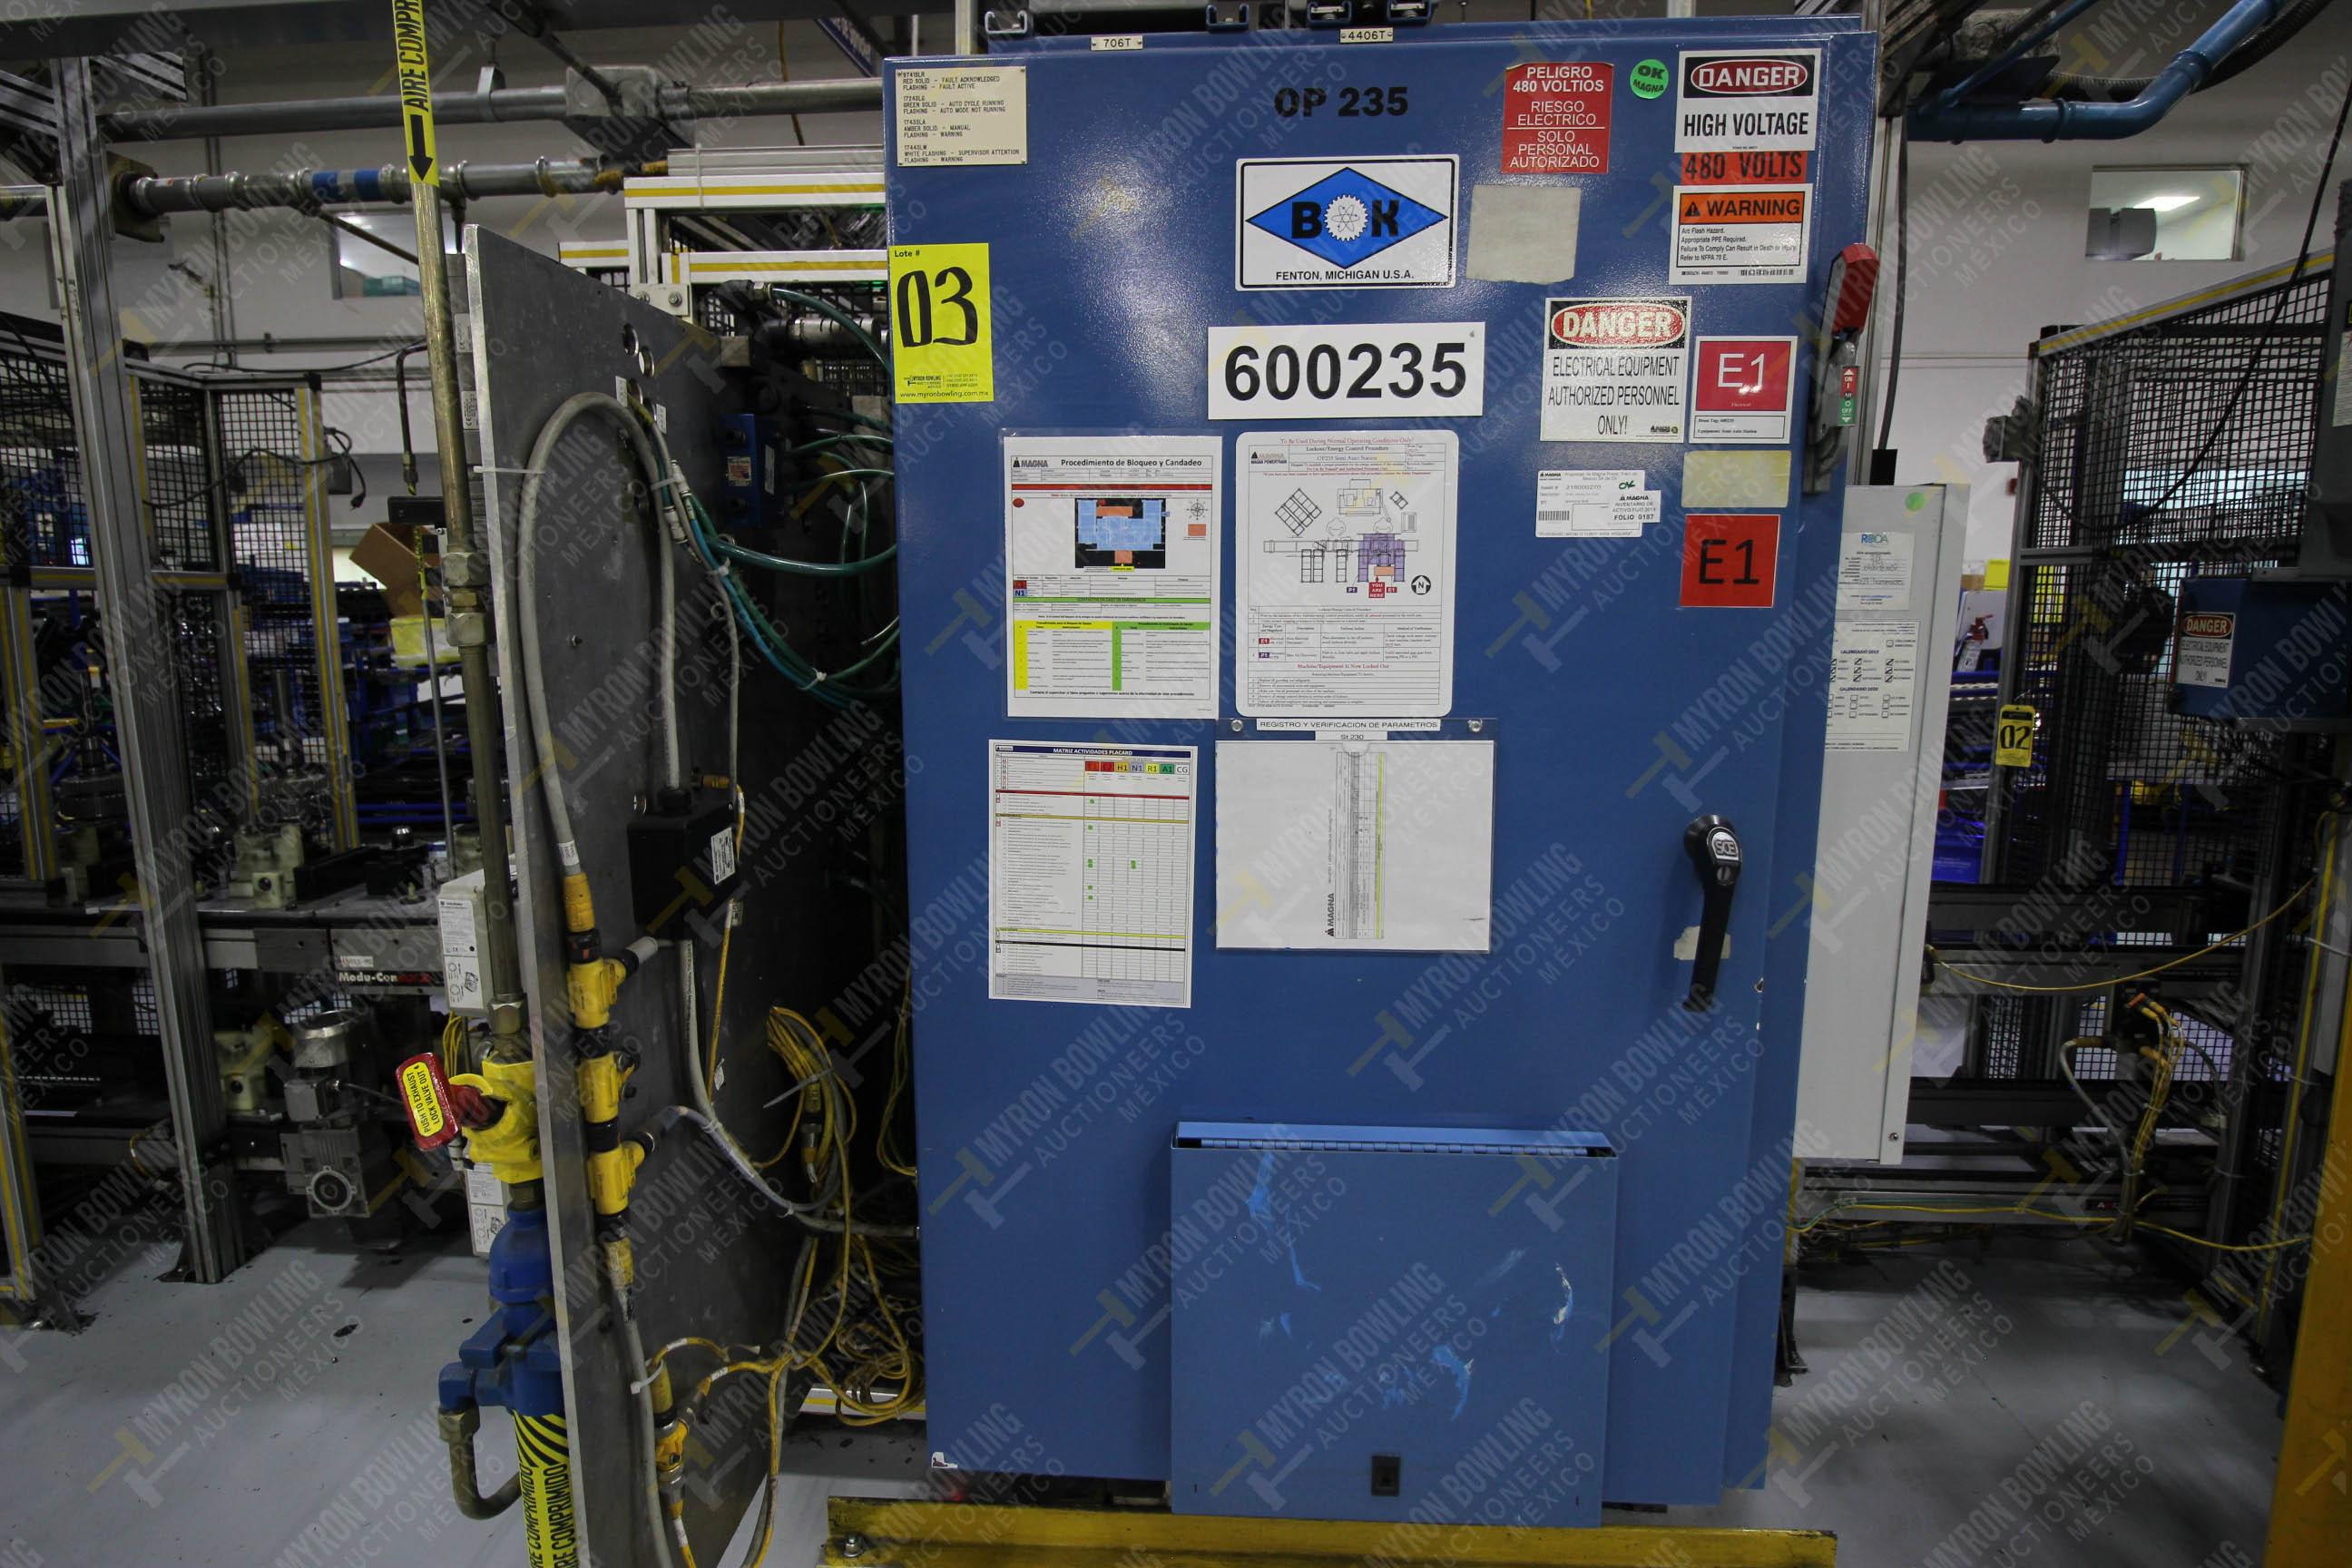 Estación semiautomáticapara operación 235 de ensamble de candado - Image 17 of 22